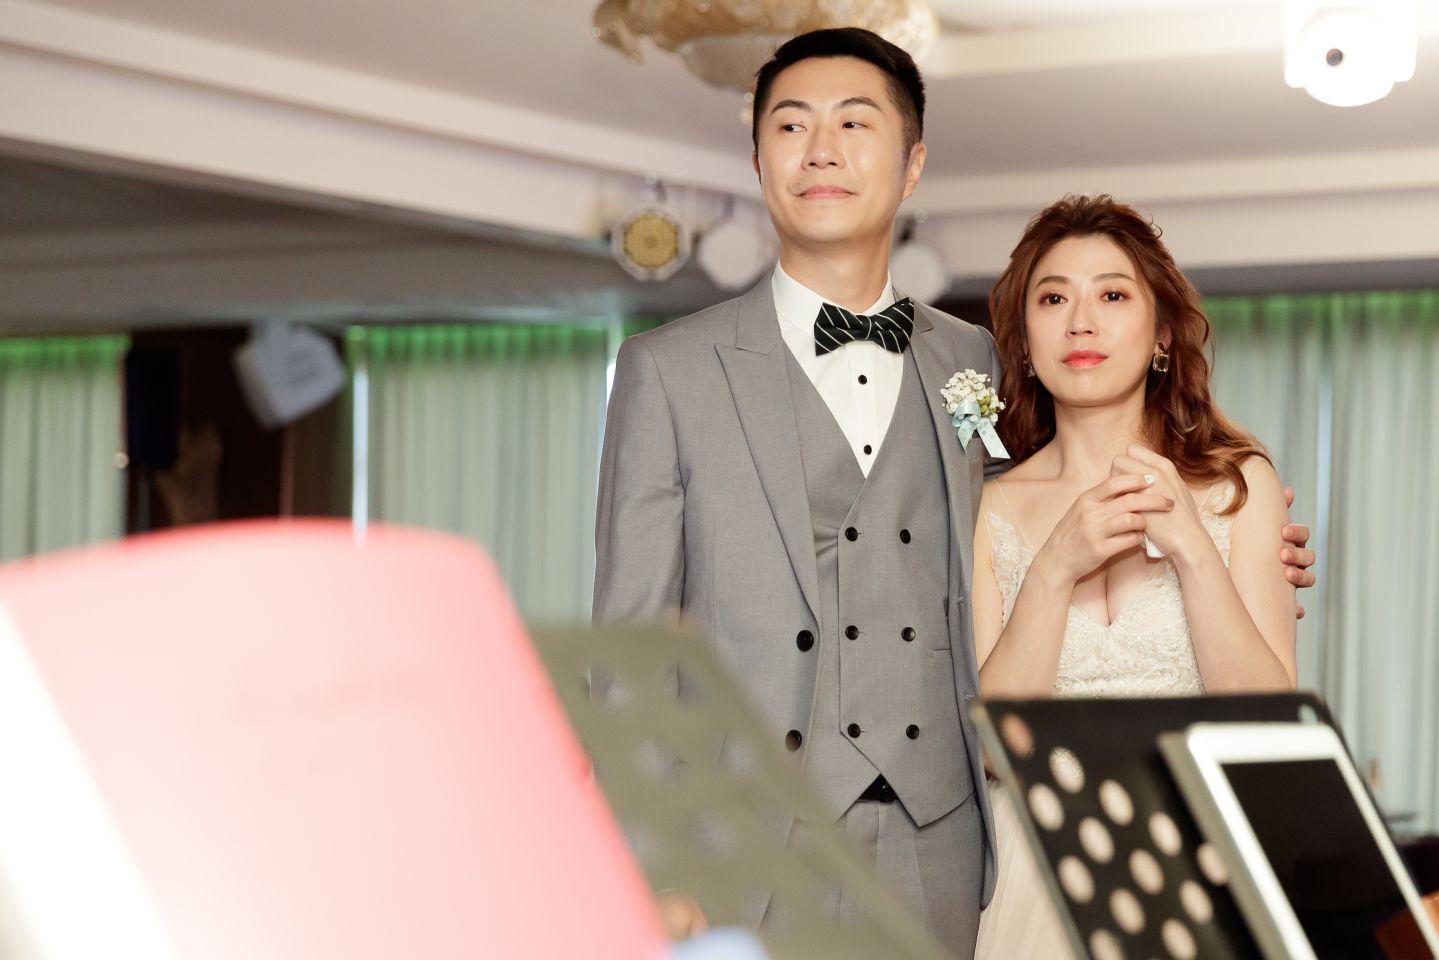 高雄婚攝作品,高雄國賓婚攝,高雄國賓婚禮紀錄,高雄國賓樓外樓婚攝